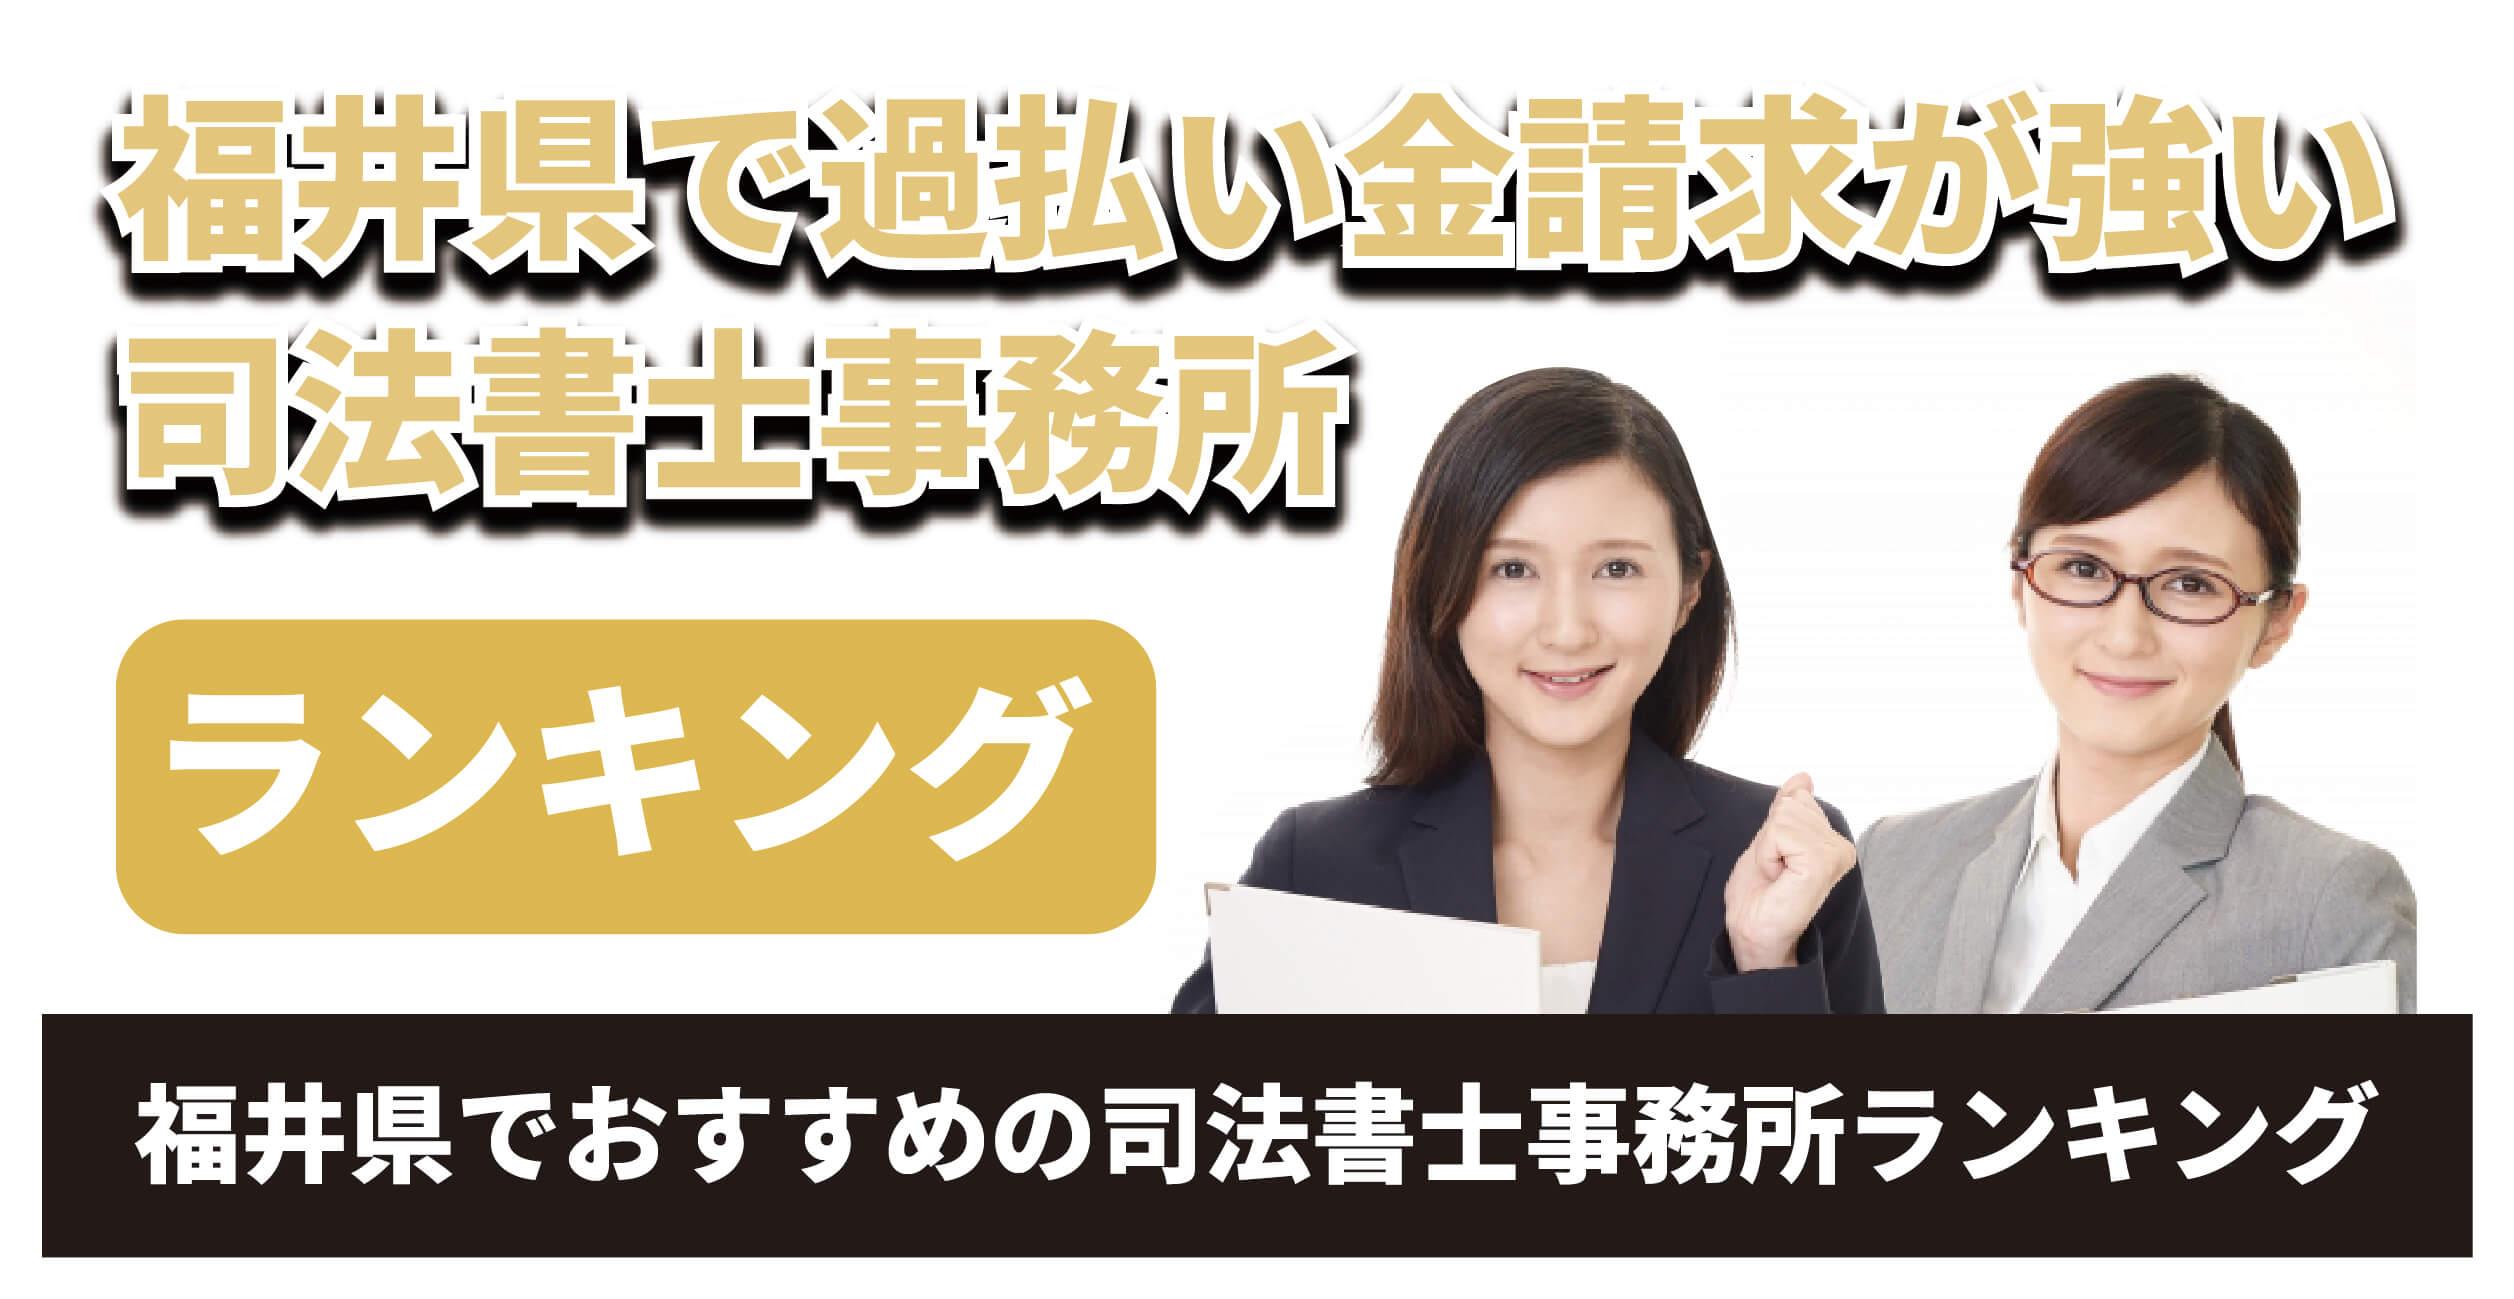 福井県で過払い金請求が強い司法書士